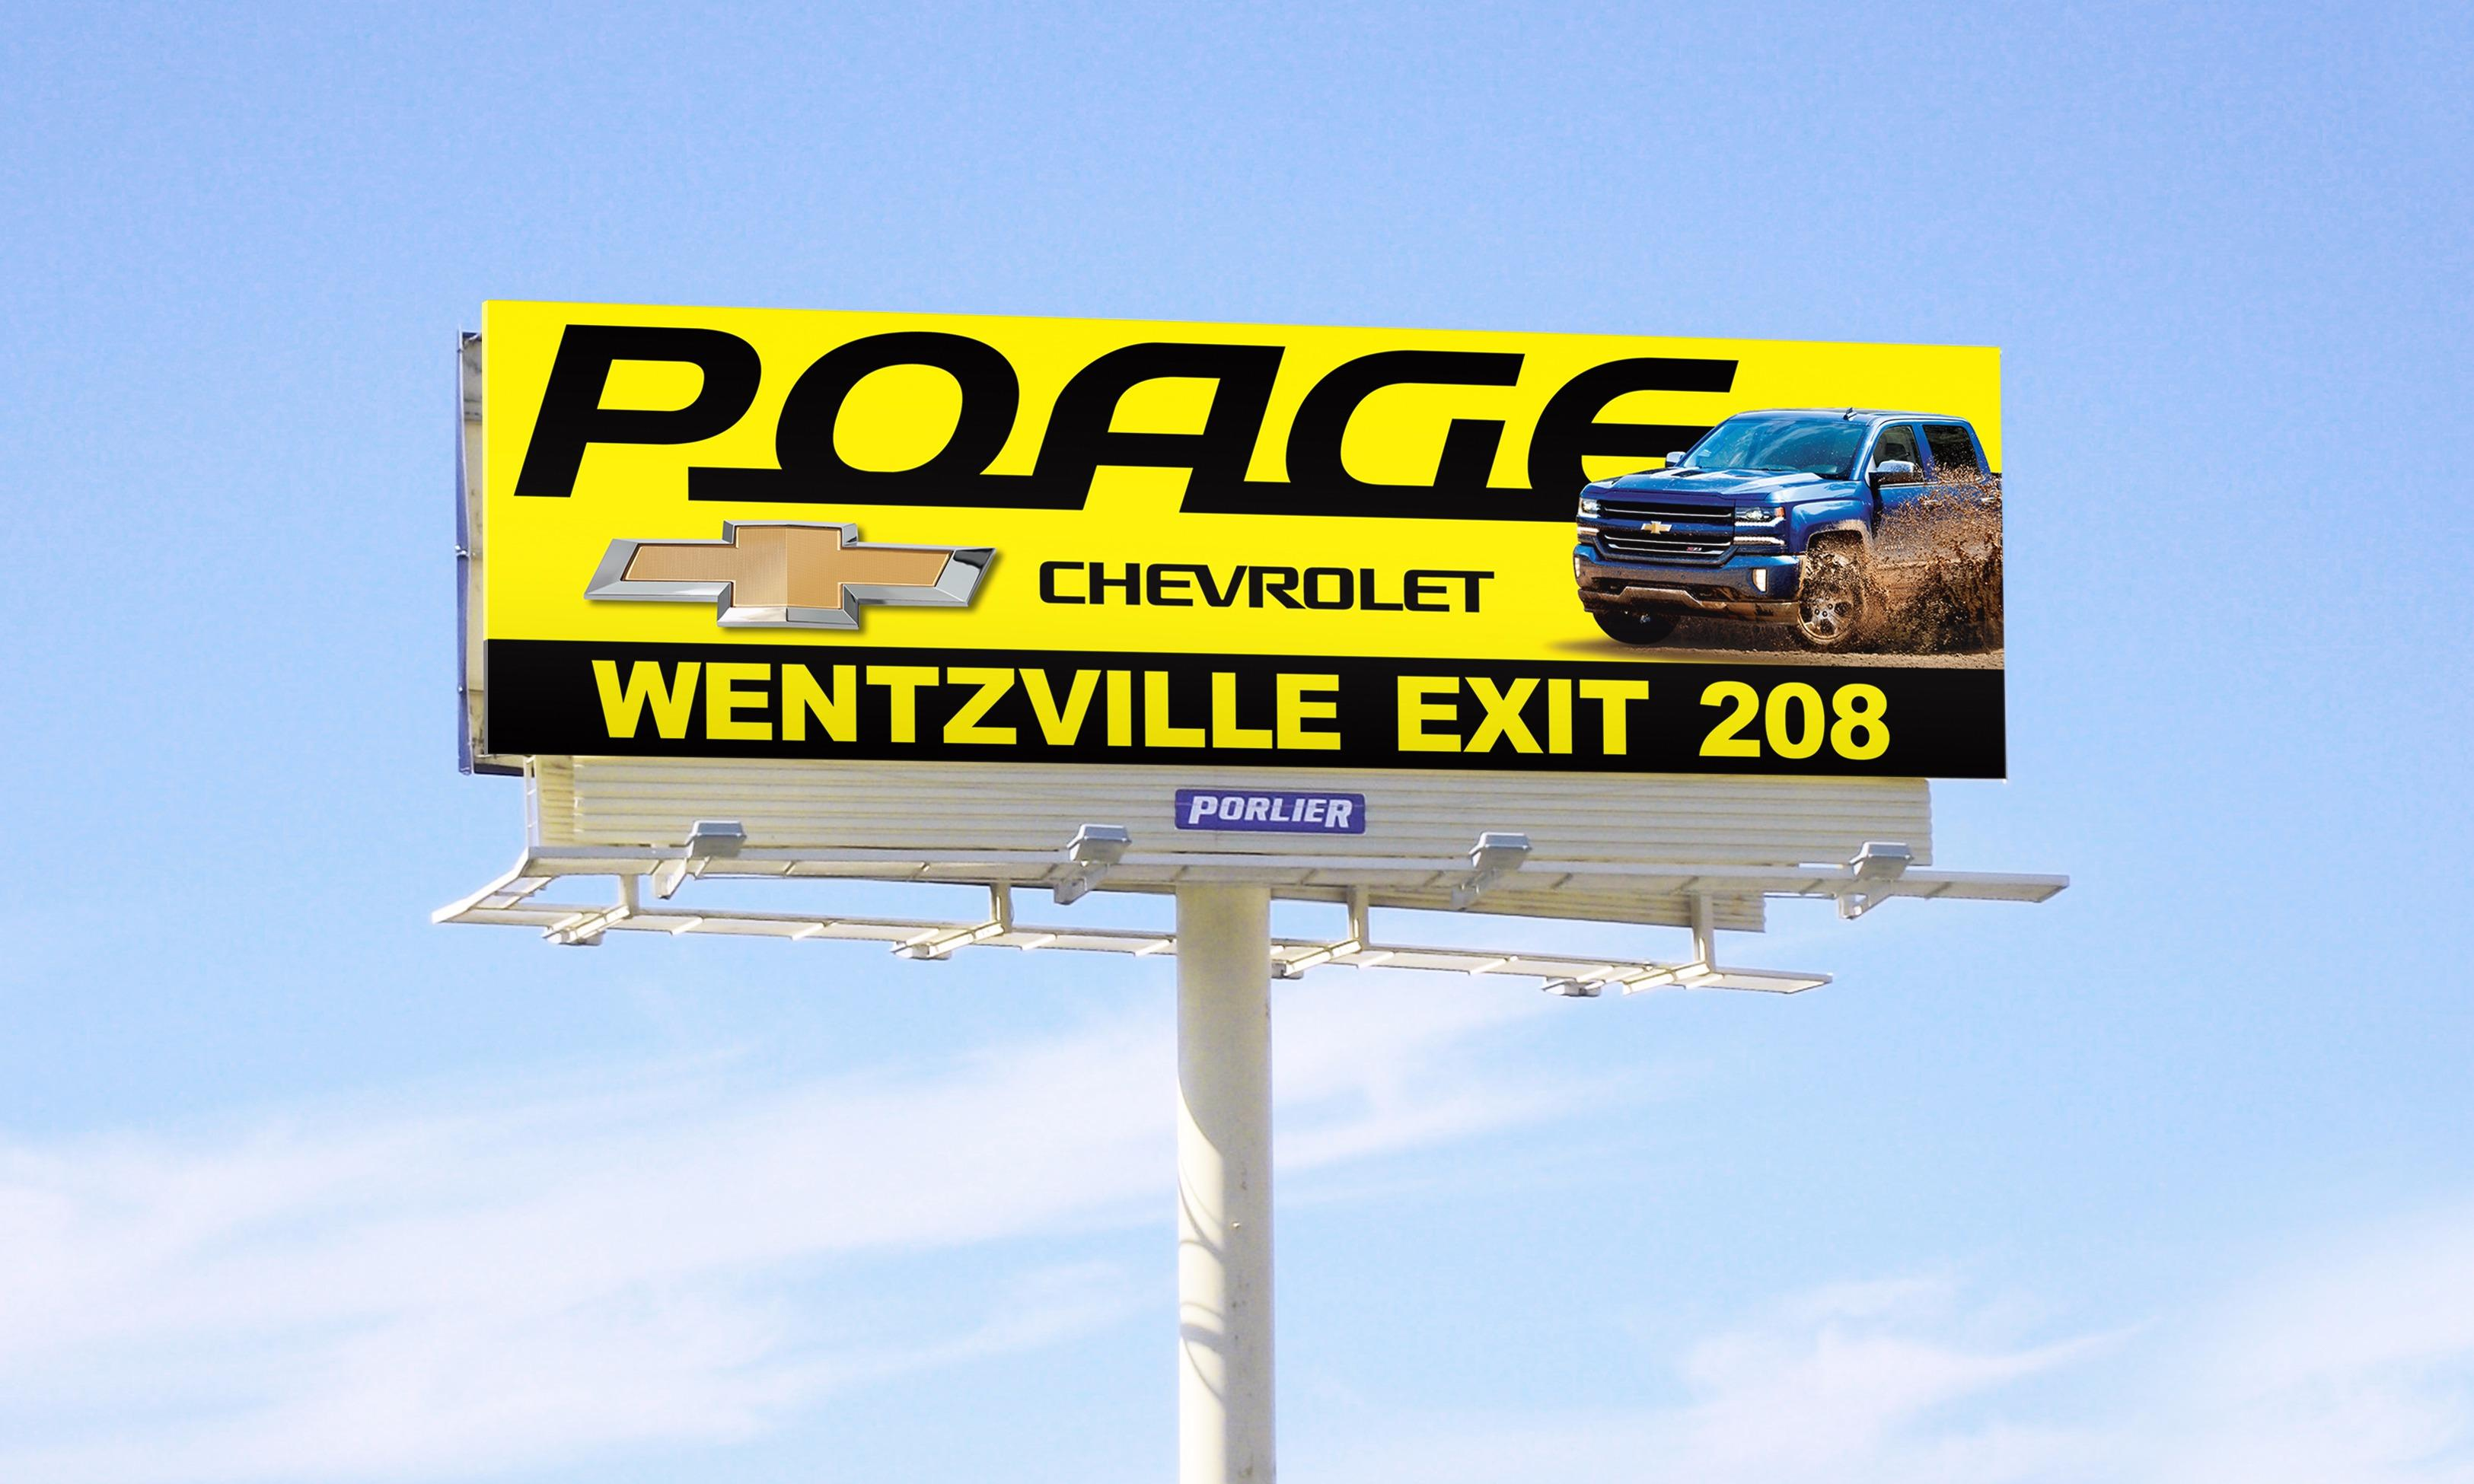 Poage Chevrolet image 5